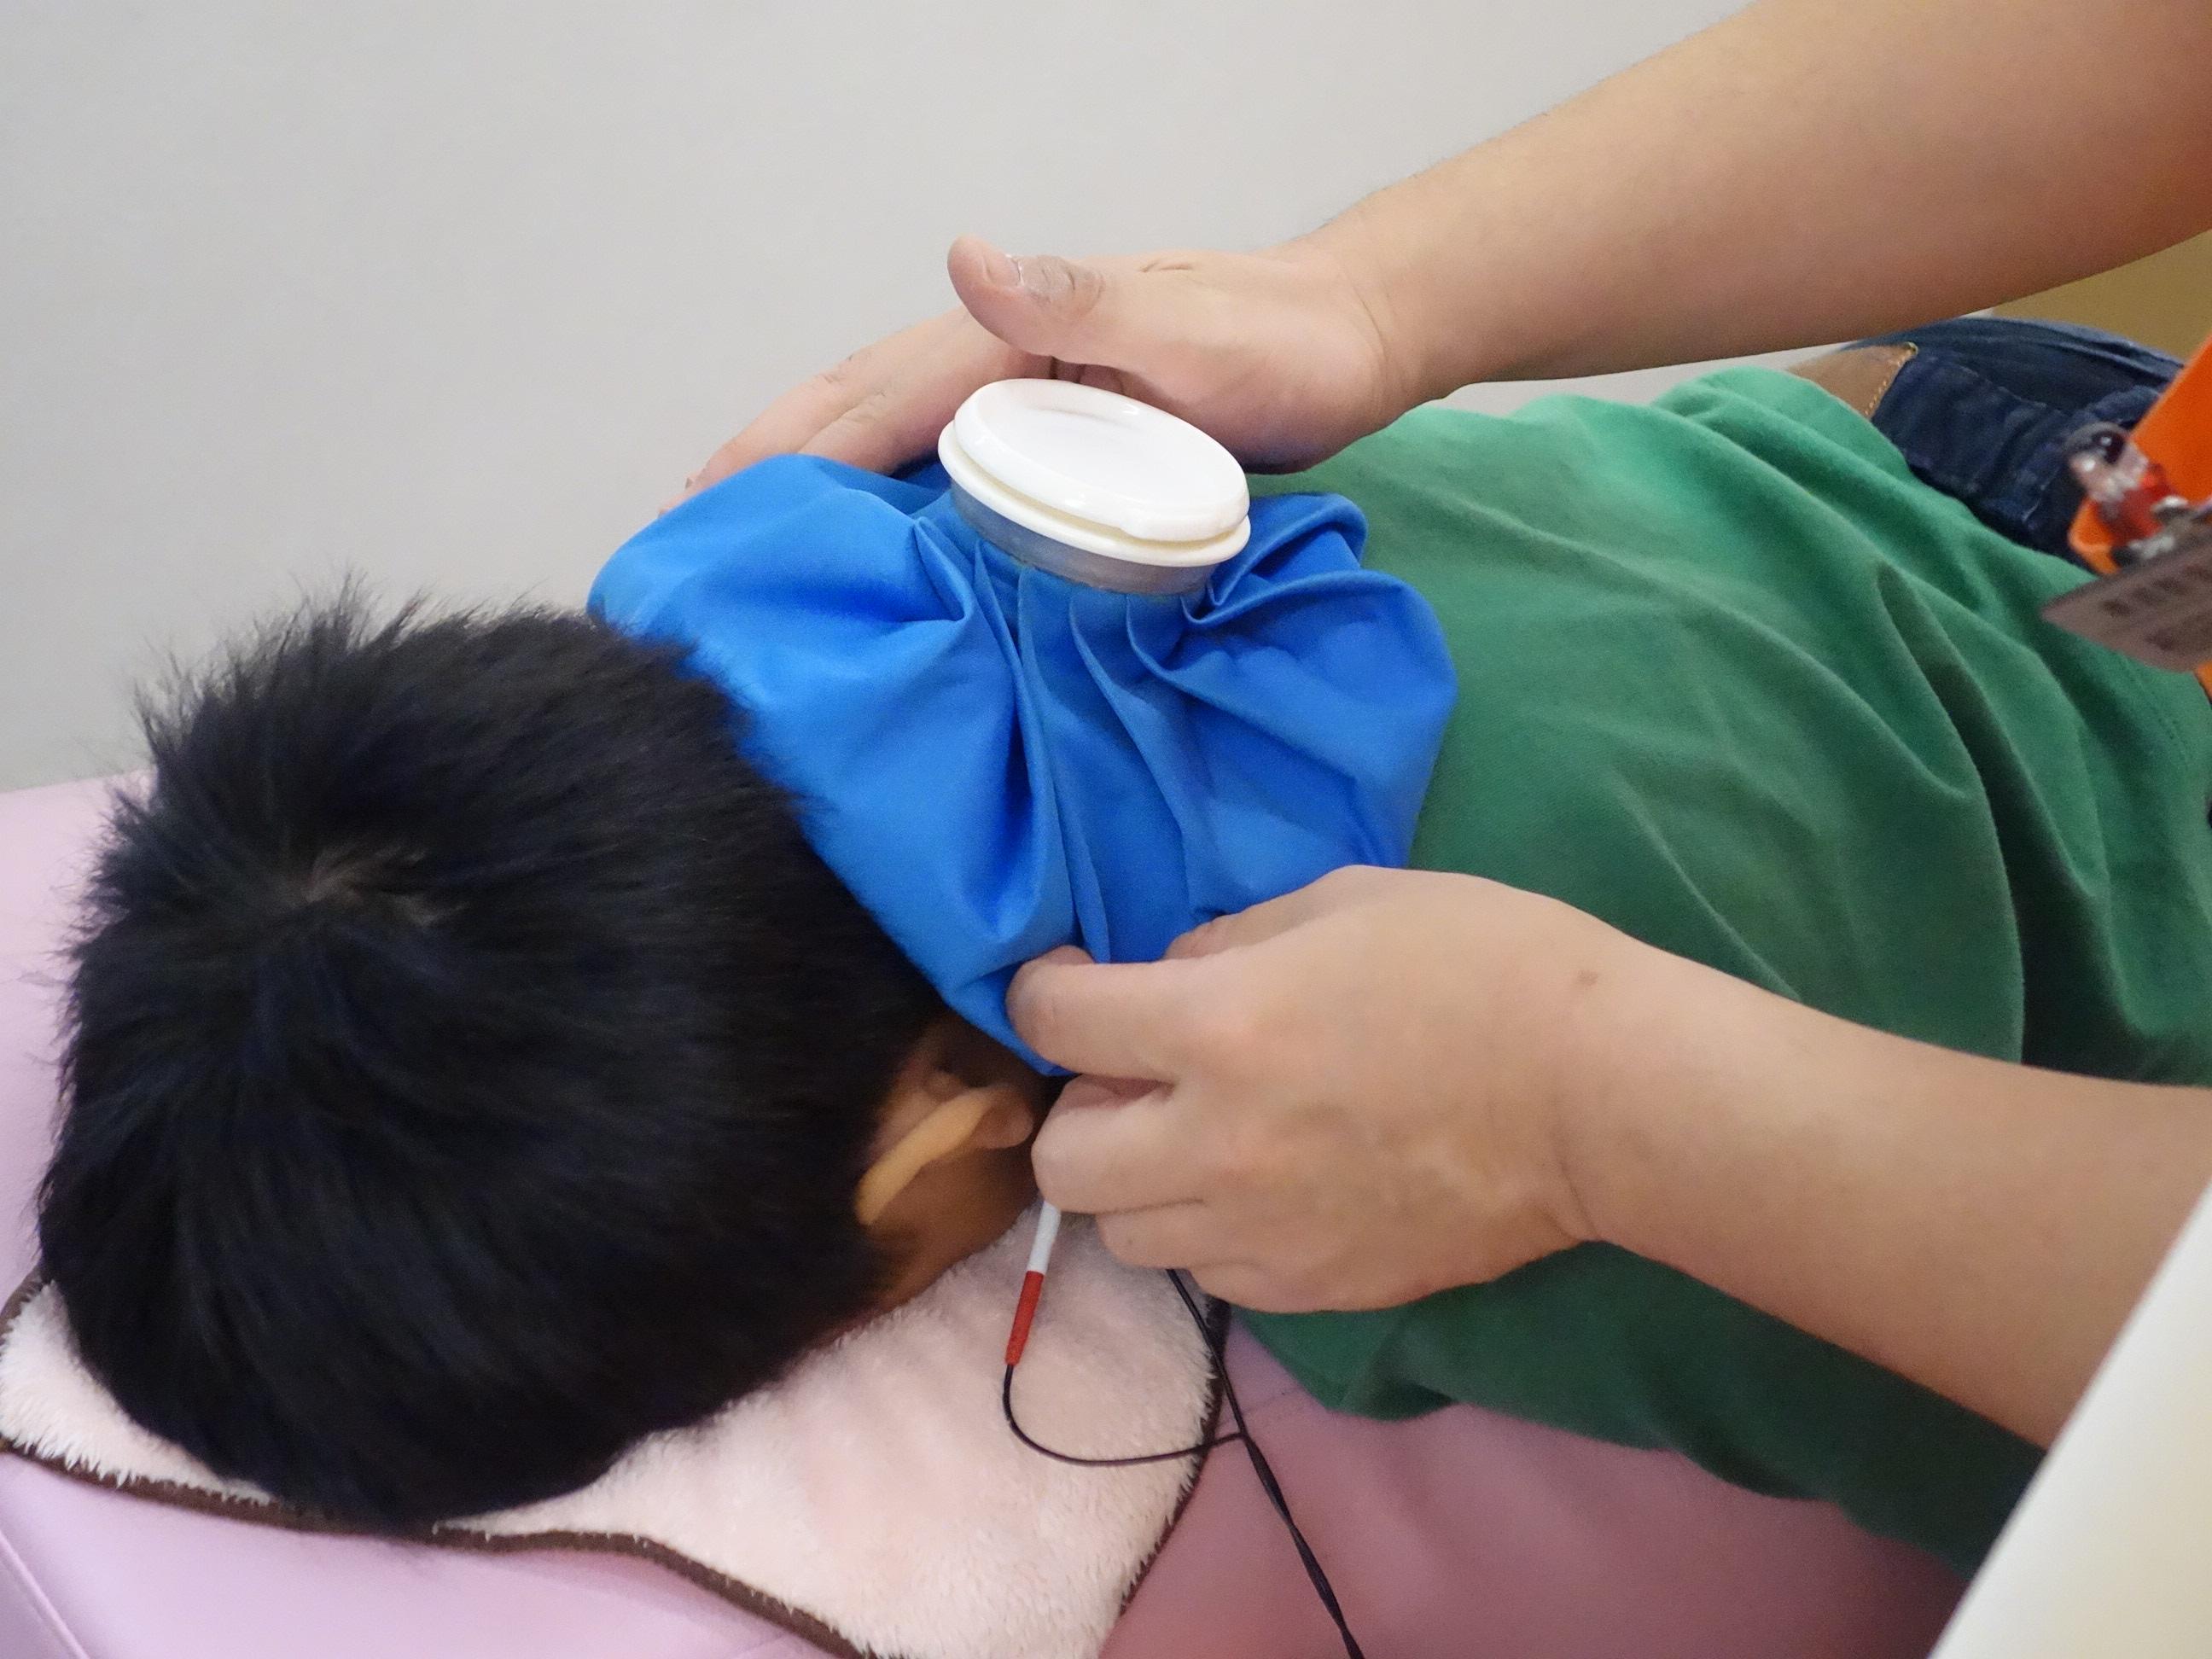 寝違えの炎症を引かせる電気治療とアイシングをしている写真